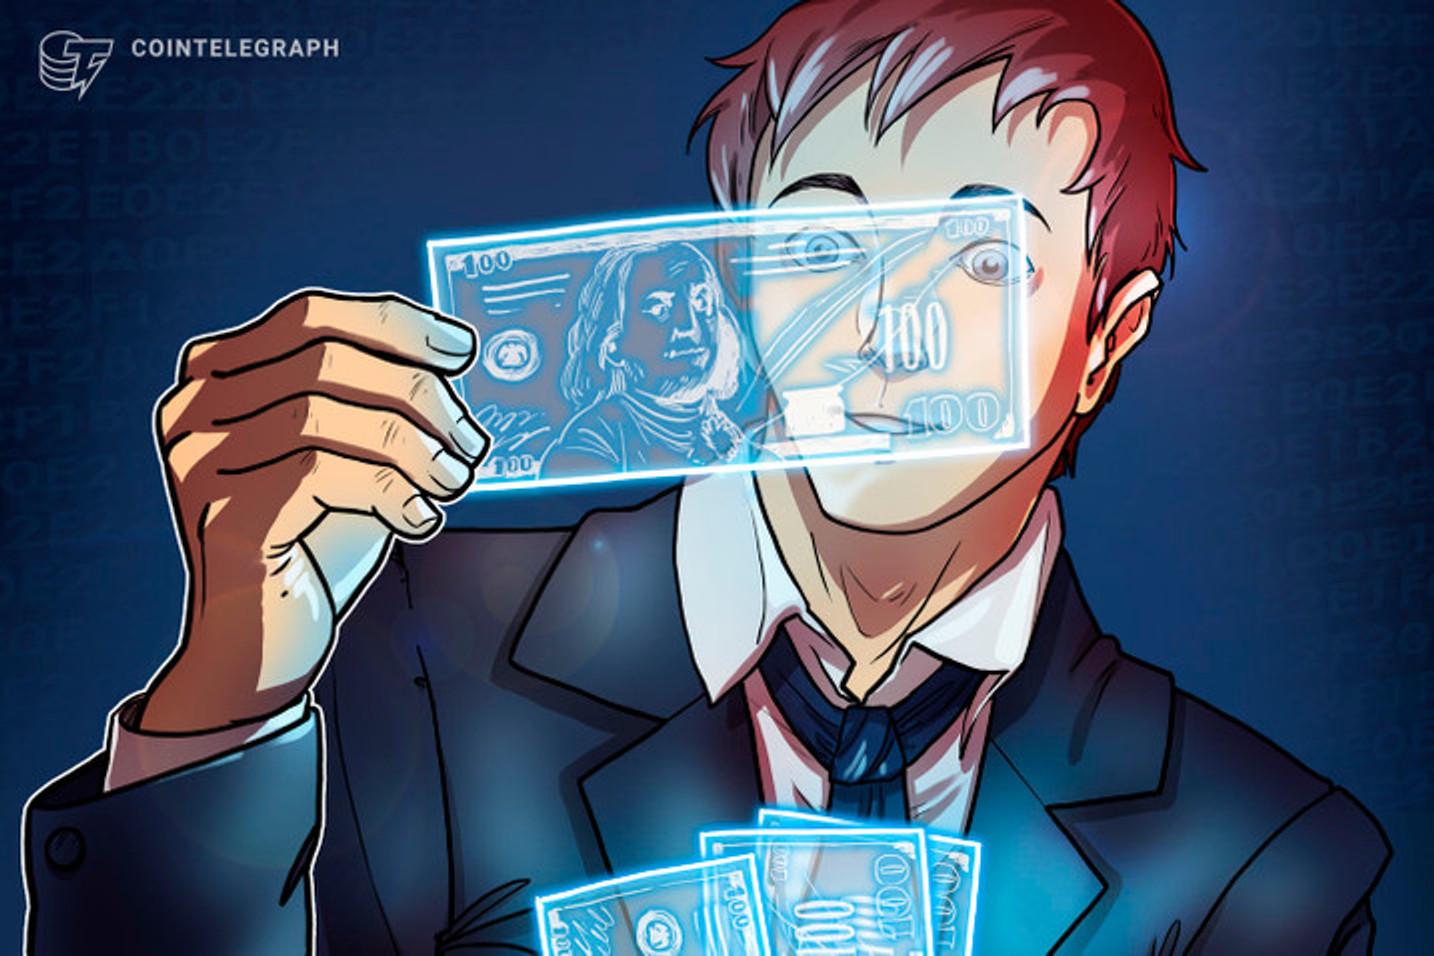 Pagamentos digitais se fortalecem na pandemia e põem uso do dinheiro físico em xeque